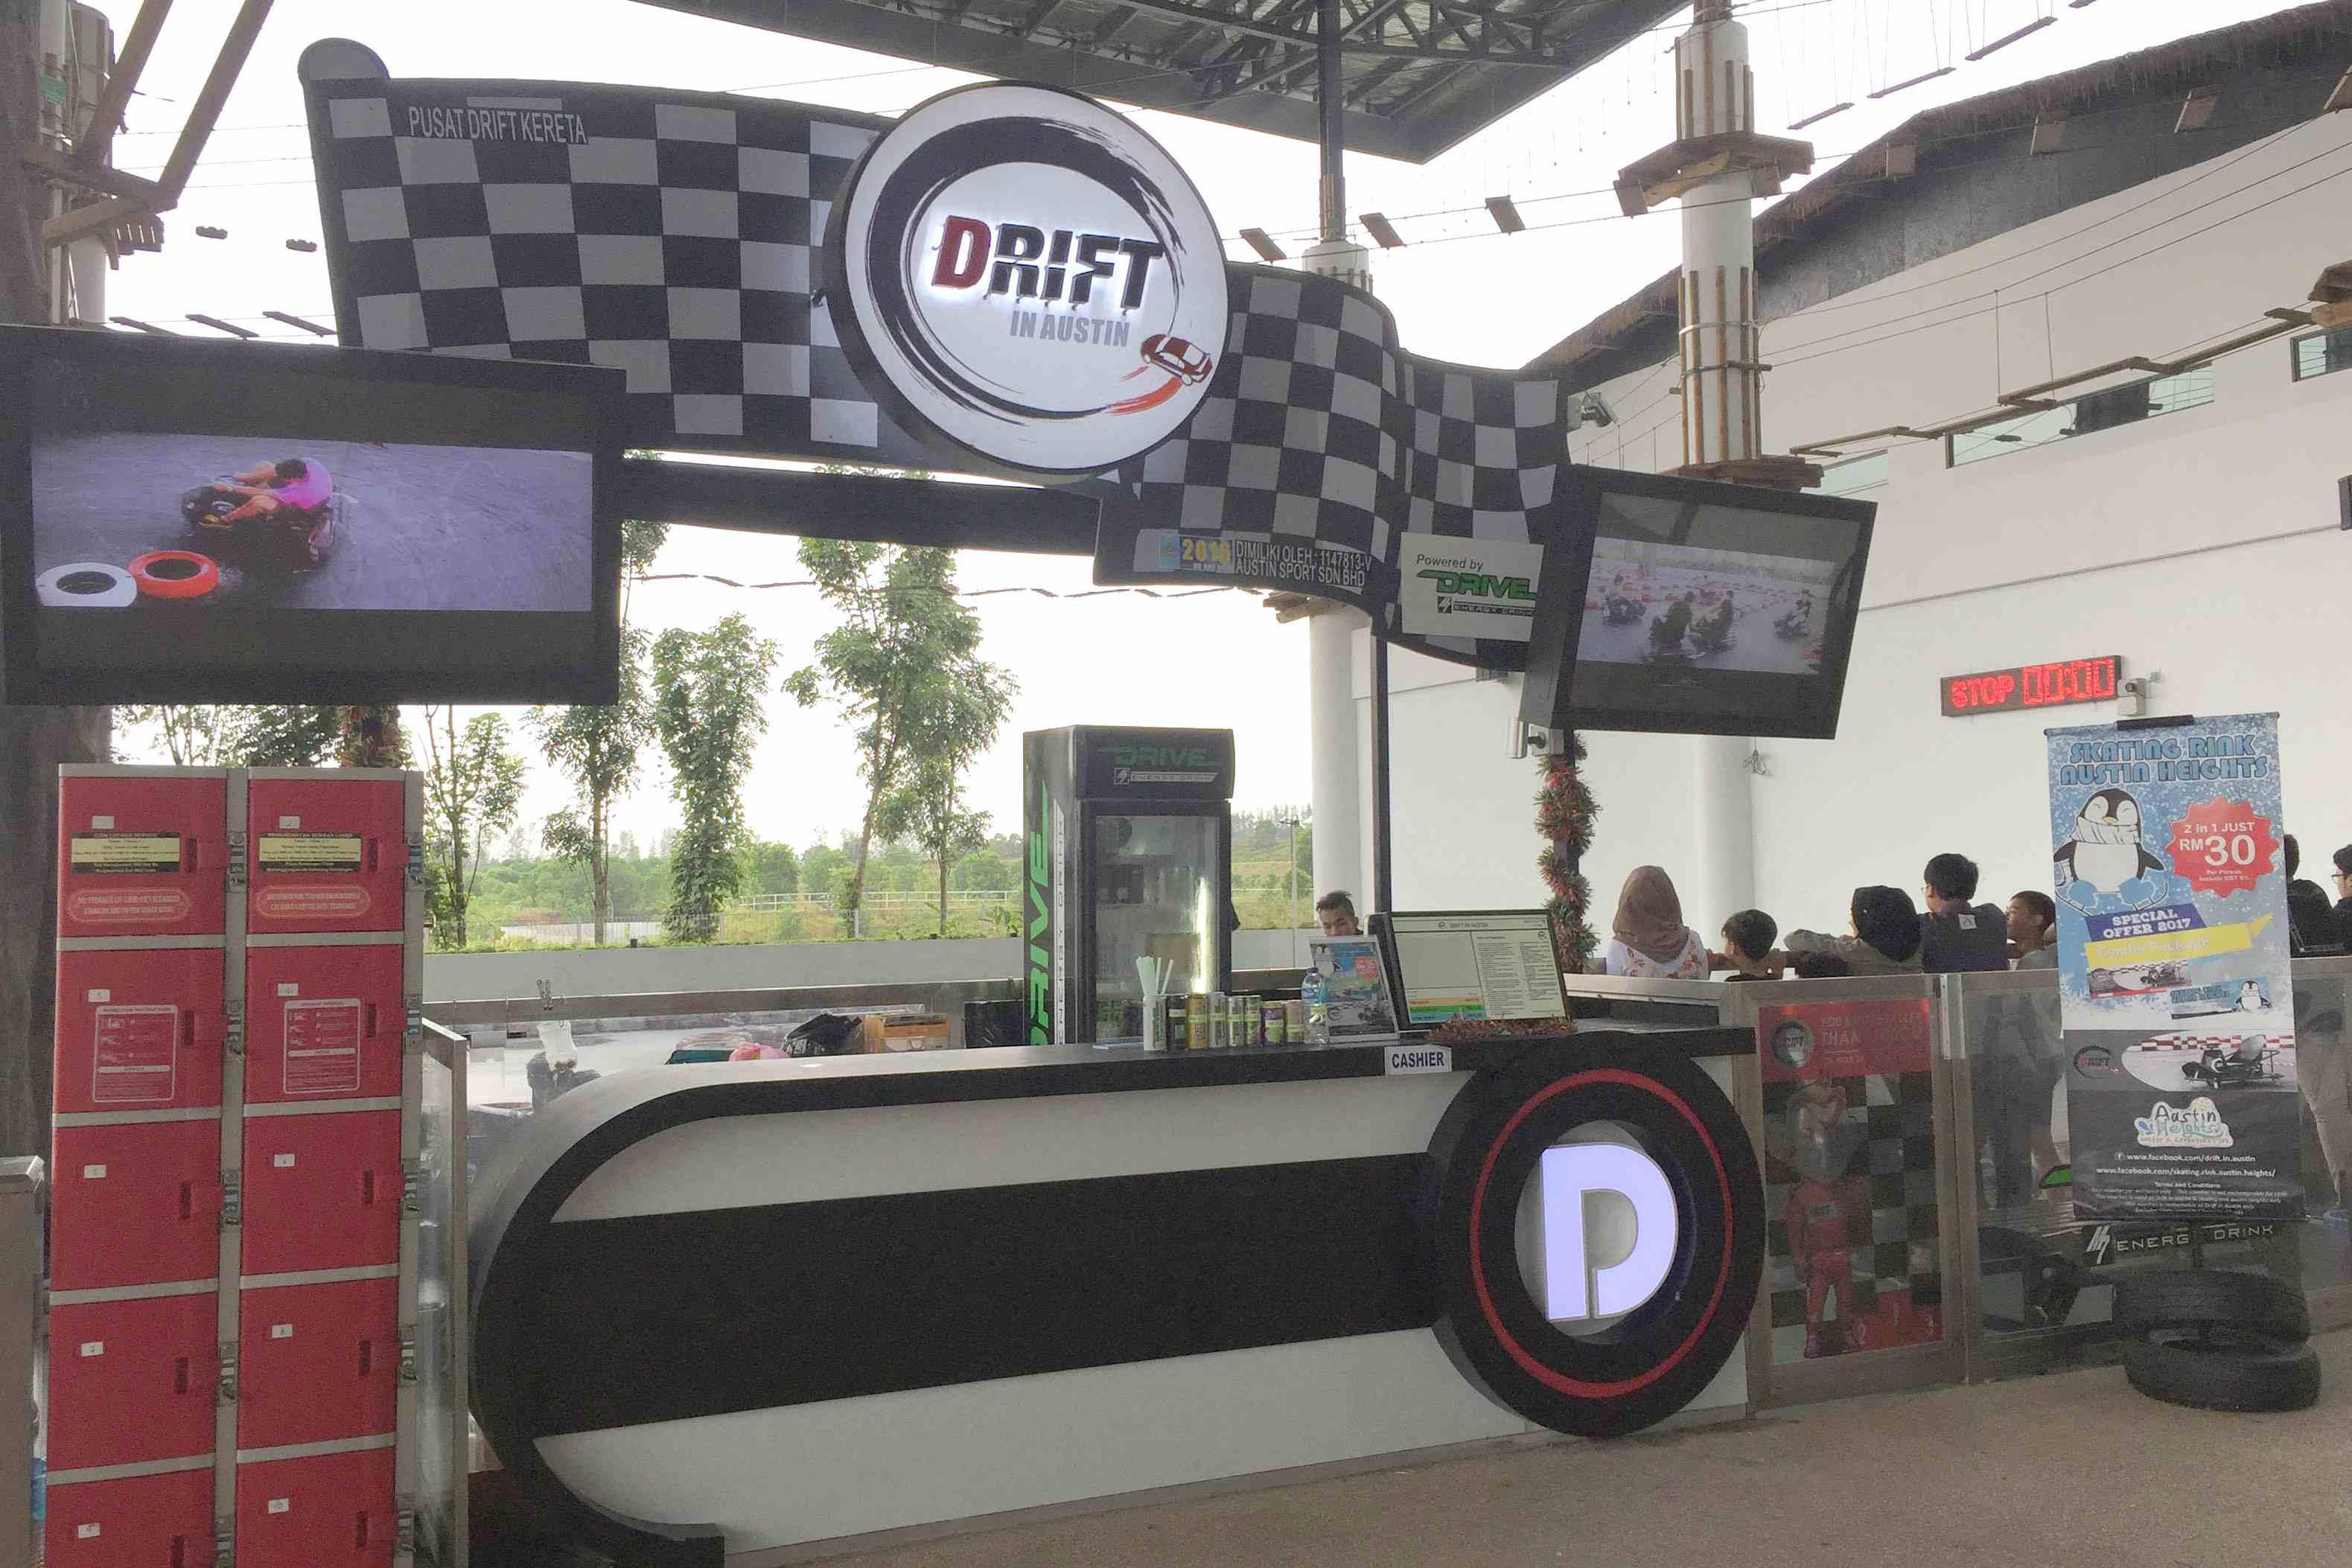 drift.jpg